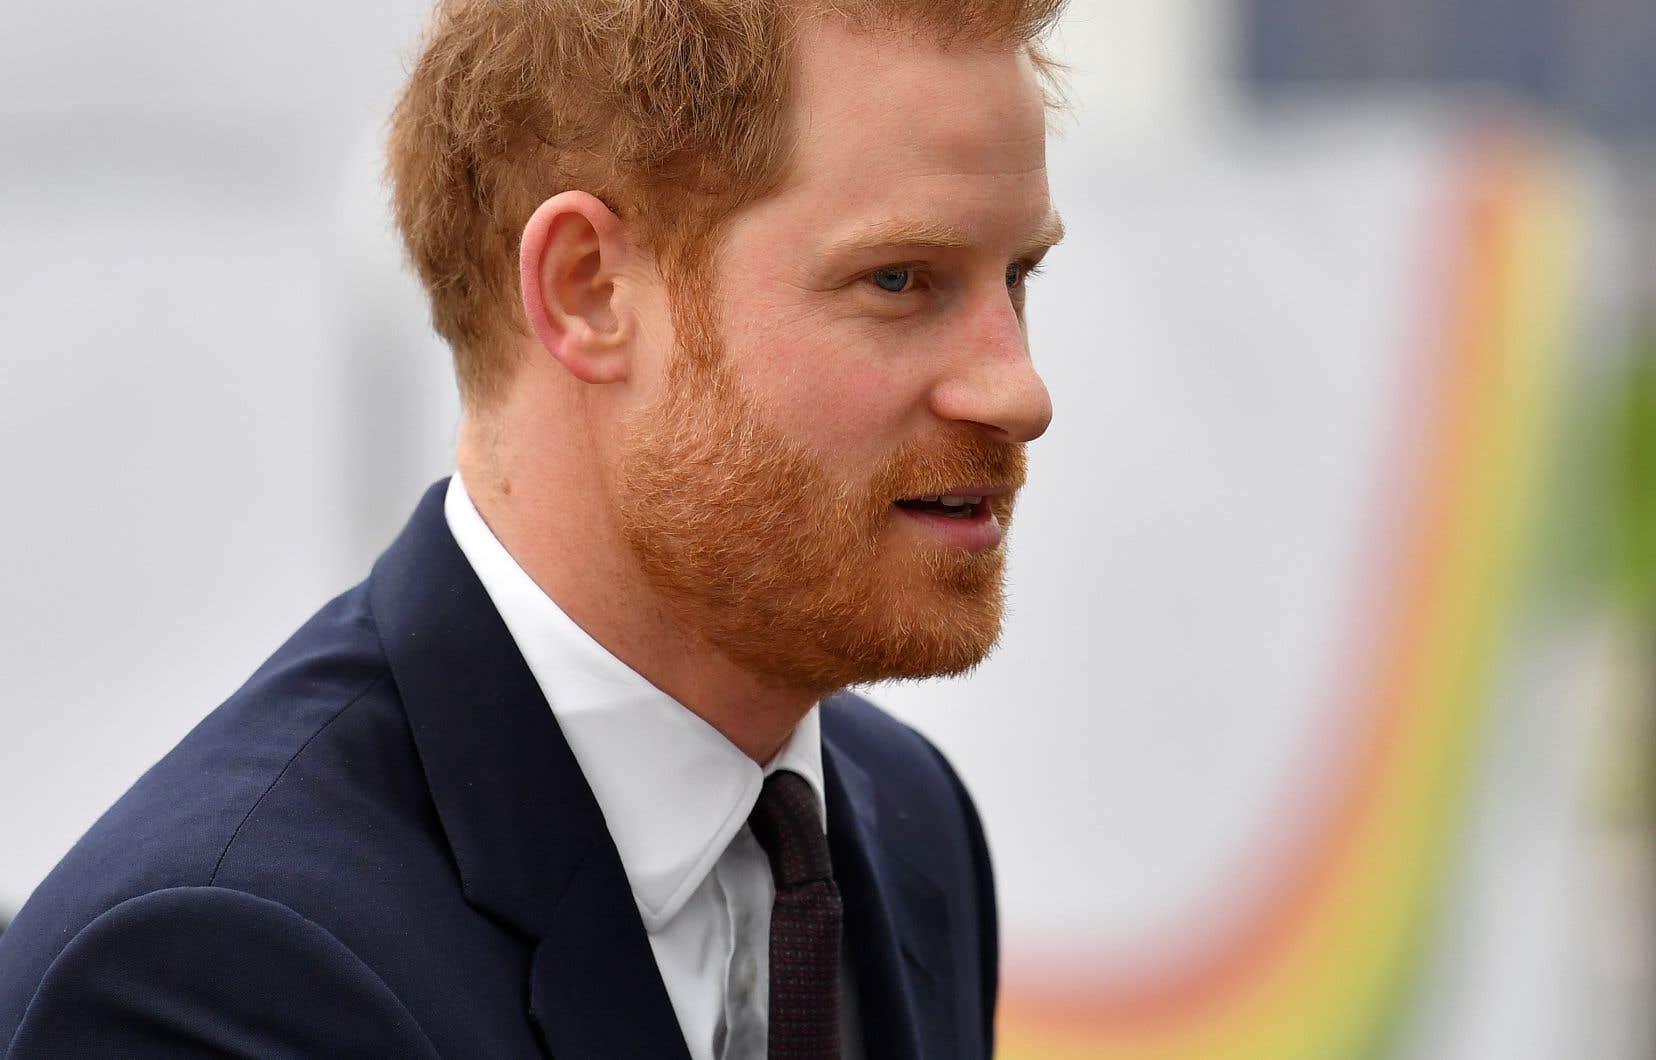 <p>Le prince va devoir notamment renoncer à ses fonctions militaires, auxquelles il était attaché.</p>